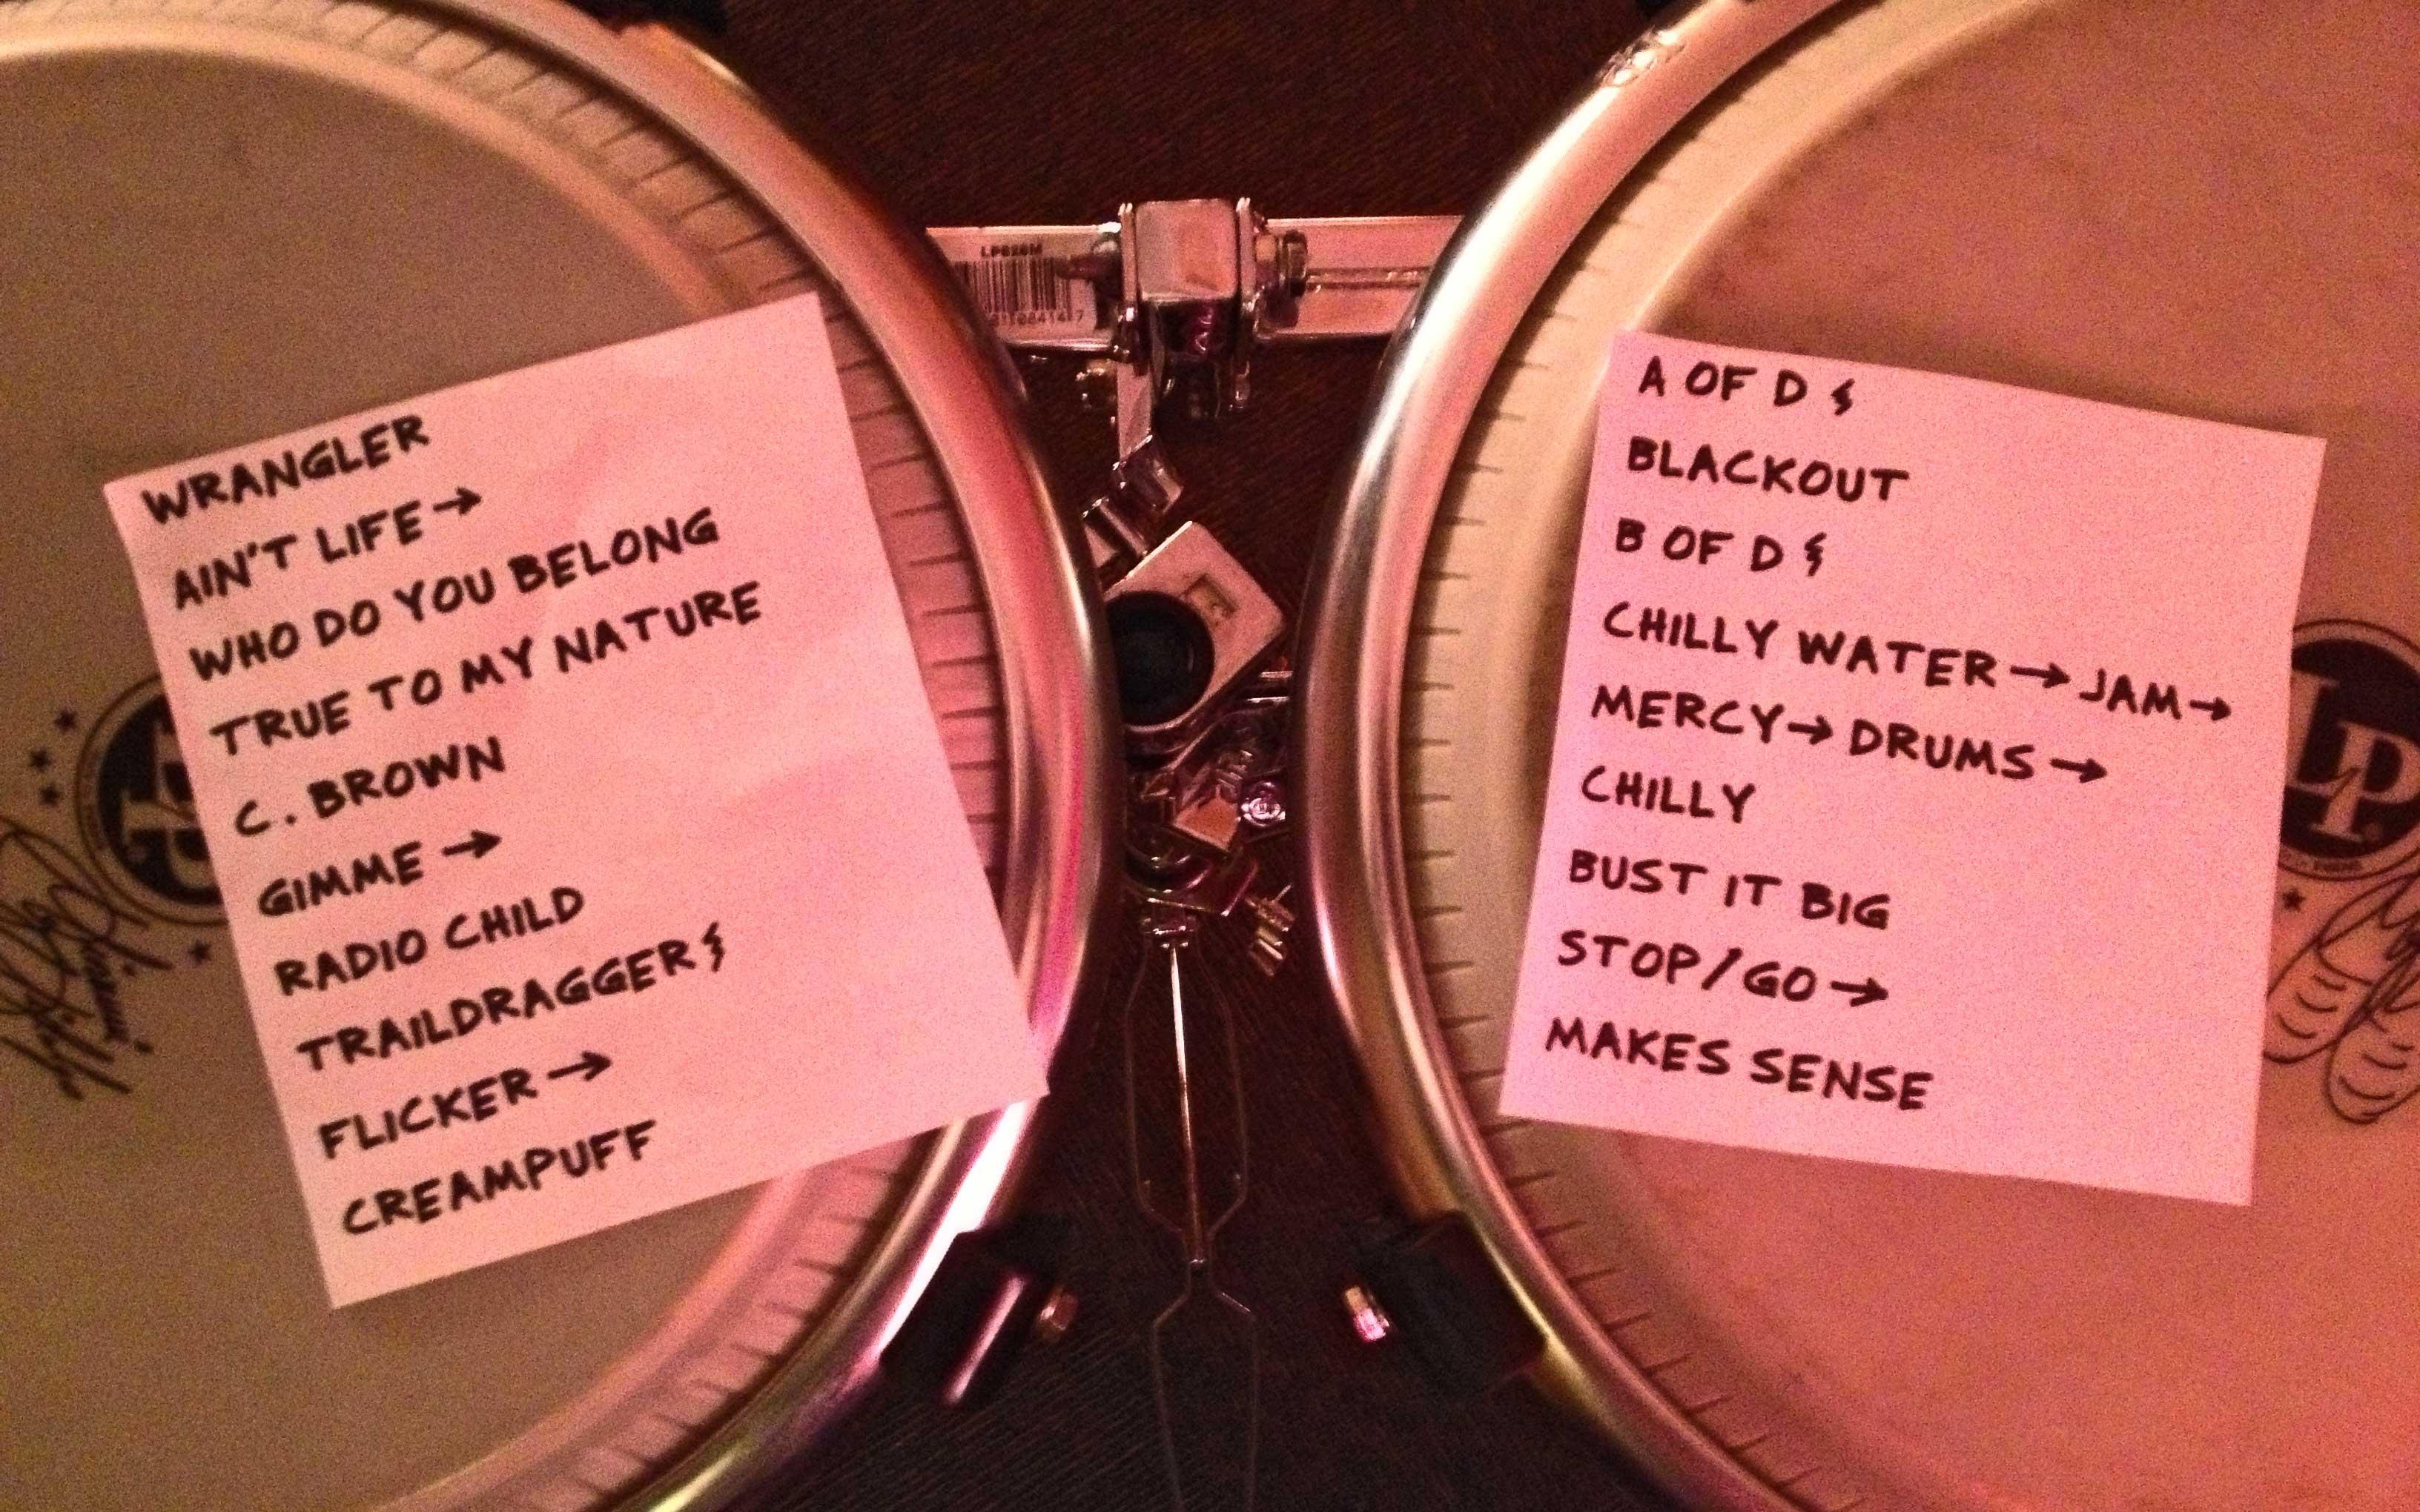 6/3/13 Setlist